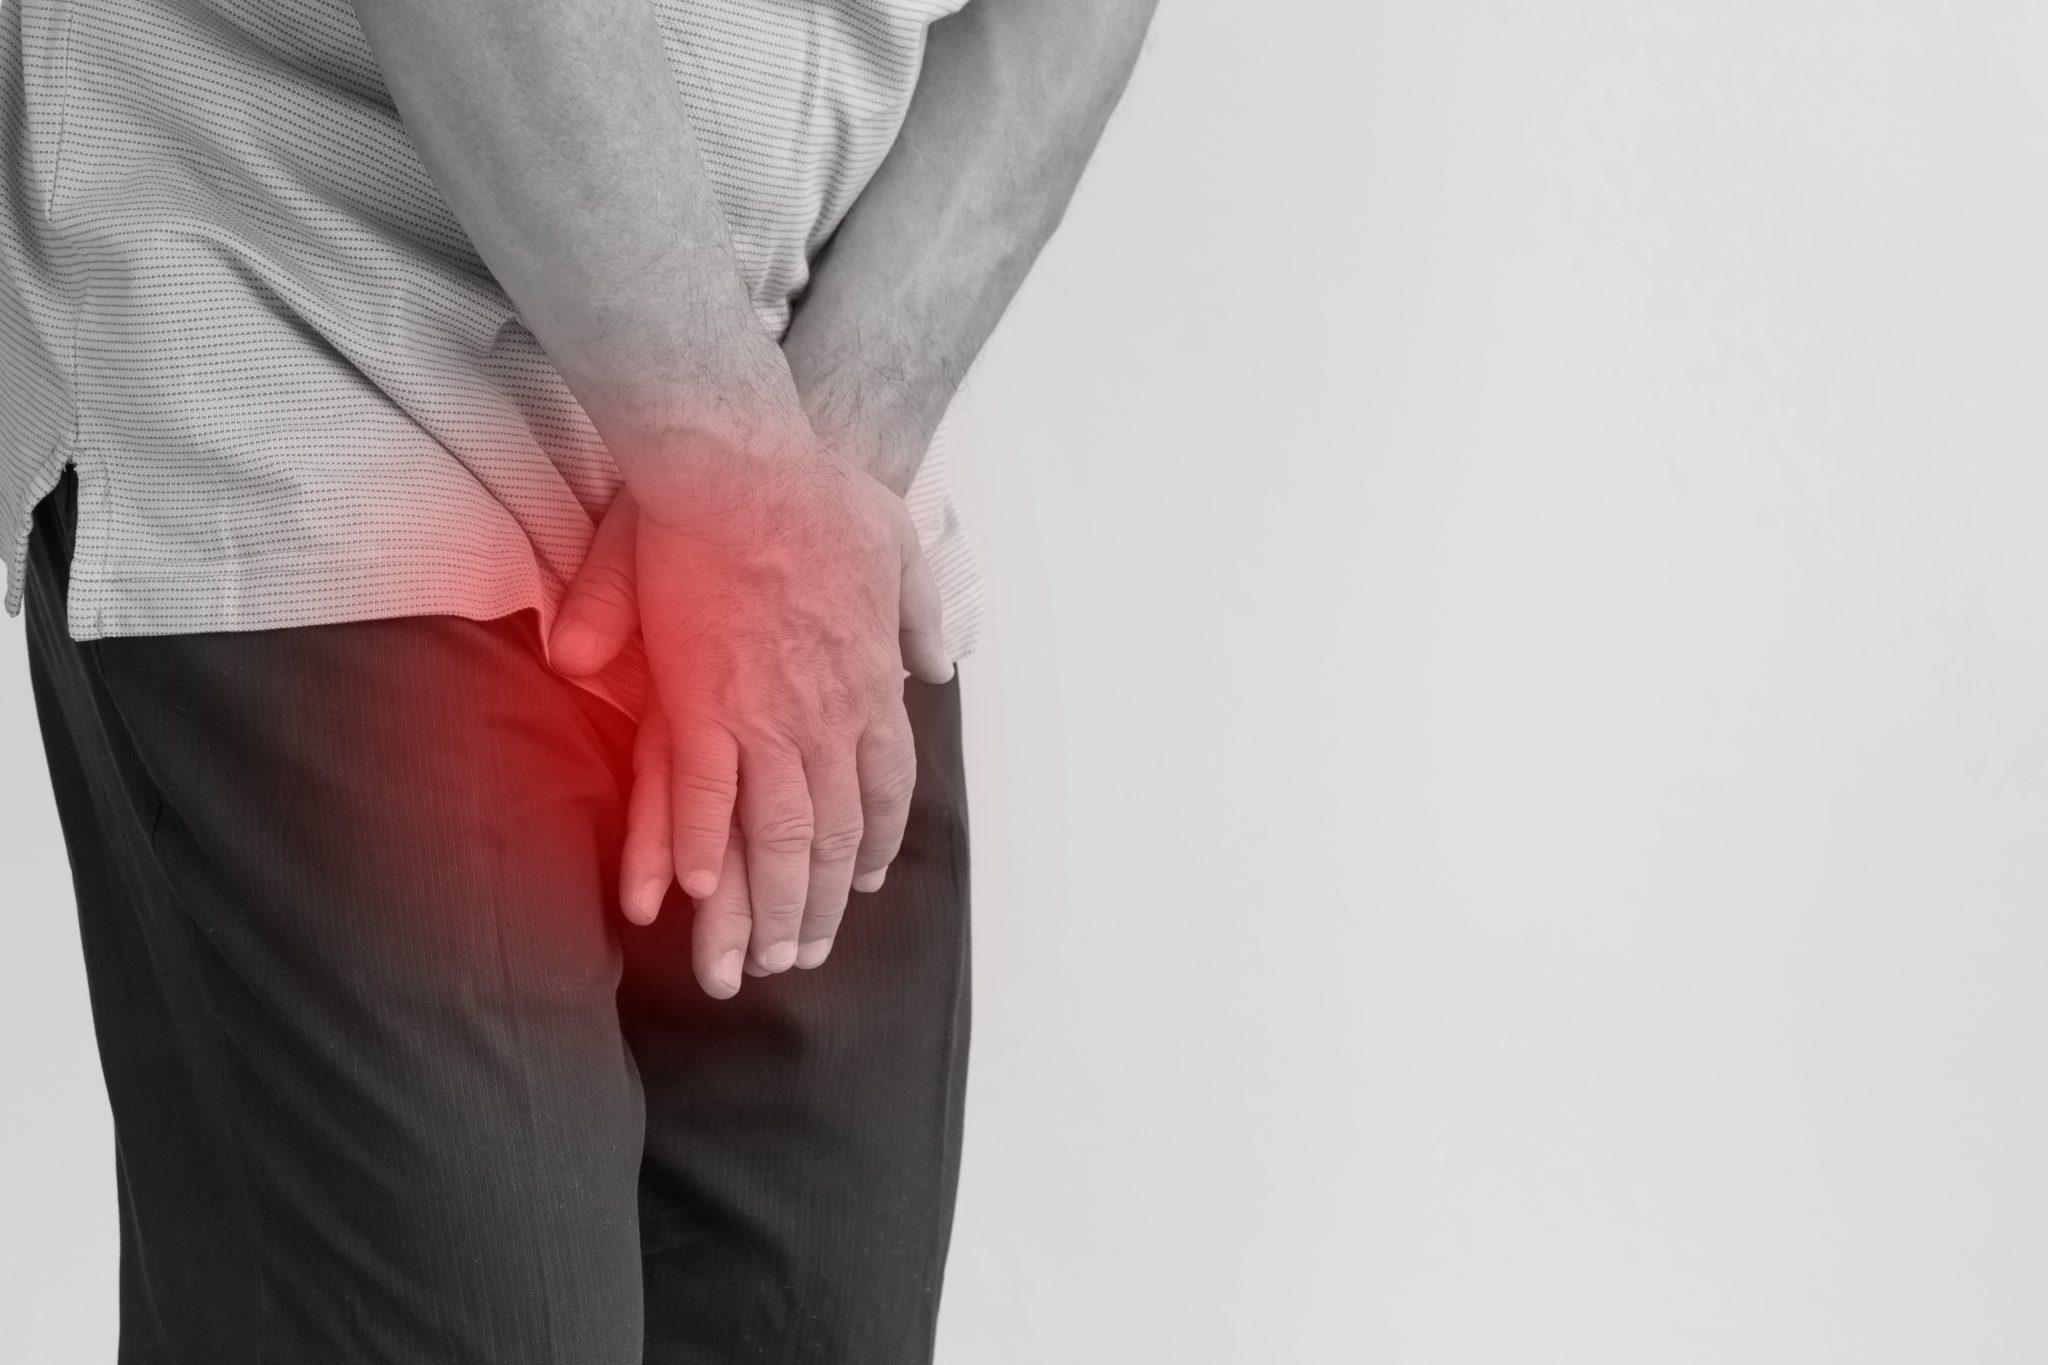 http://ost-med.ru/img/prostatitis-1.jpg